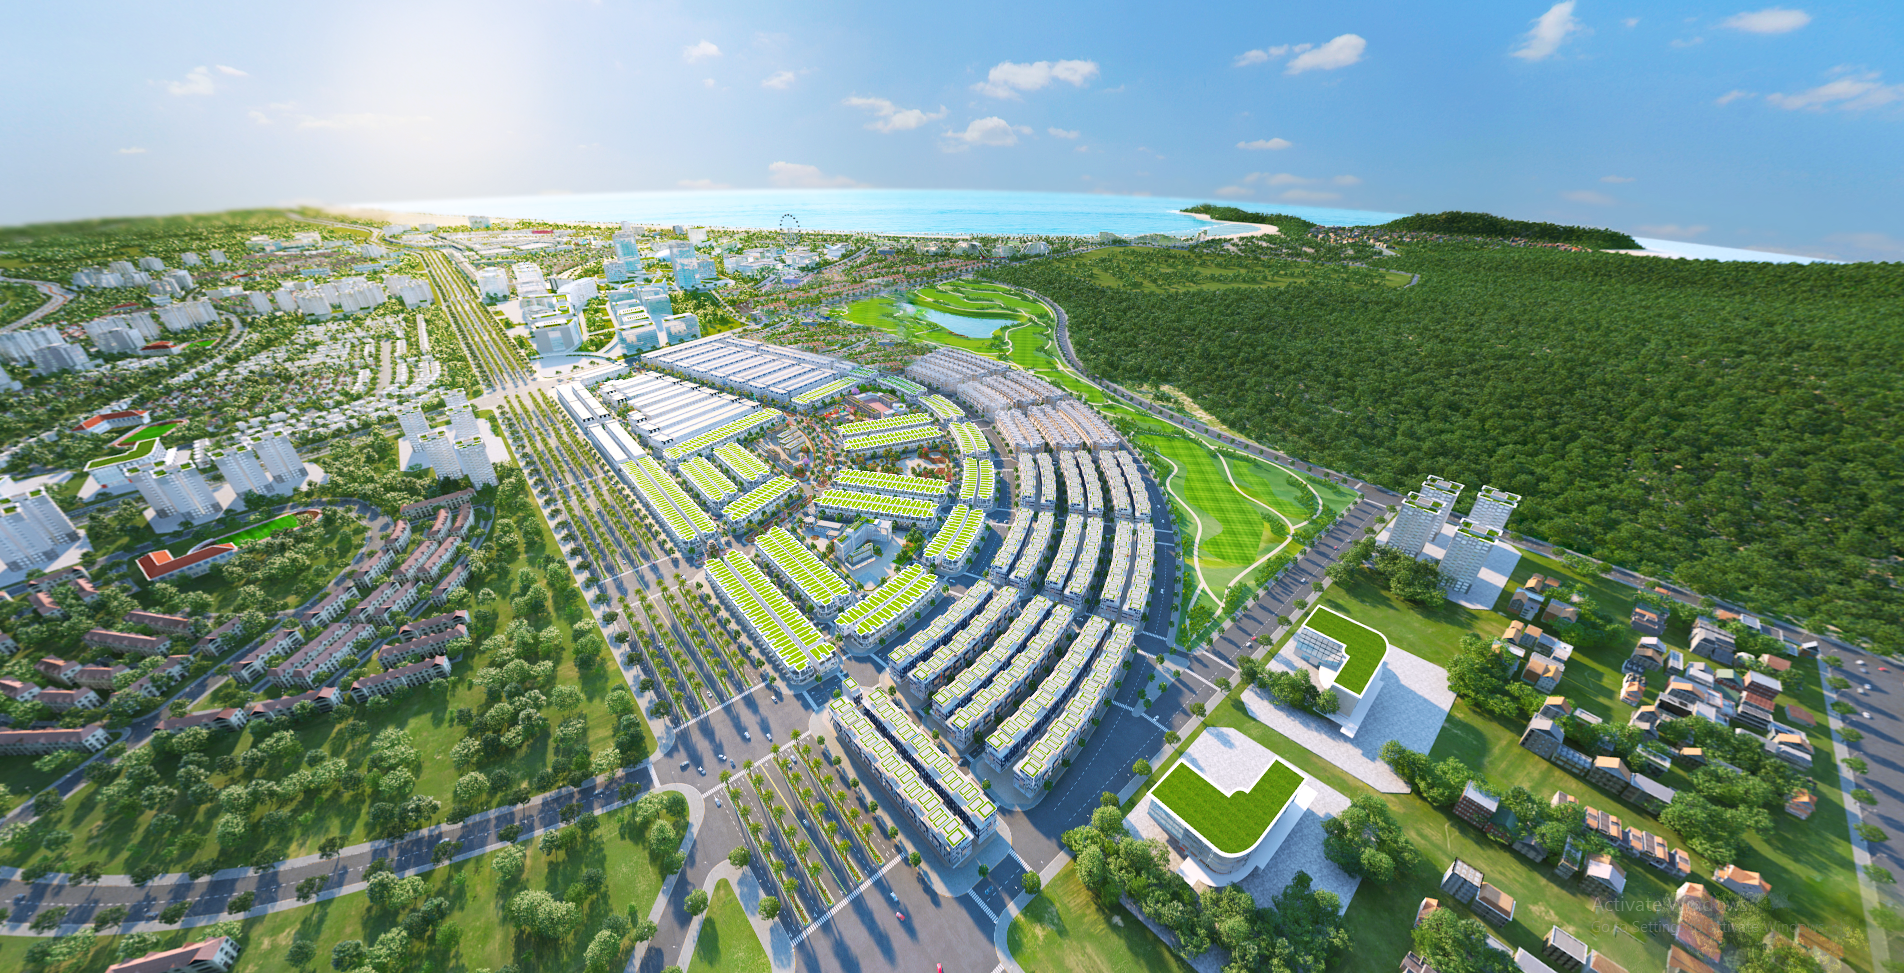 Nhơn Hội - Điểm đầu tư mới của bất động sản duyên hải miền Trung